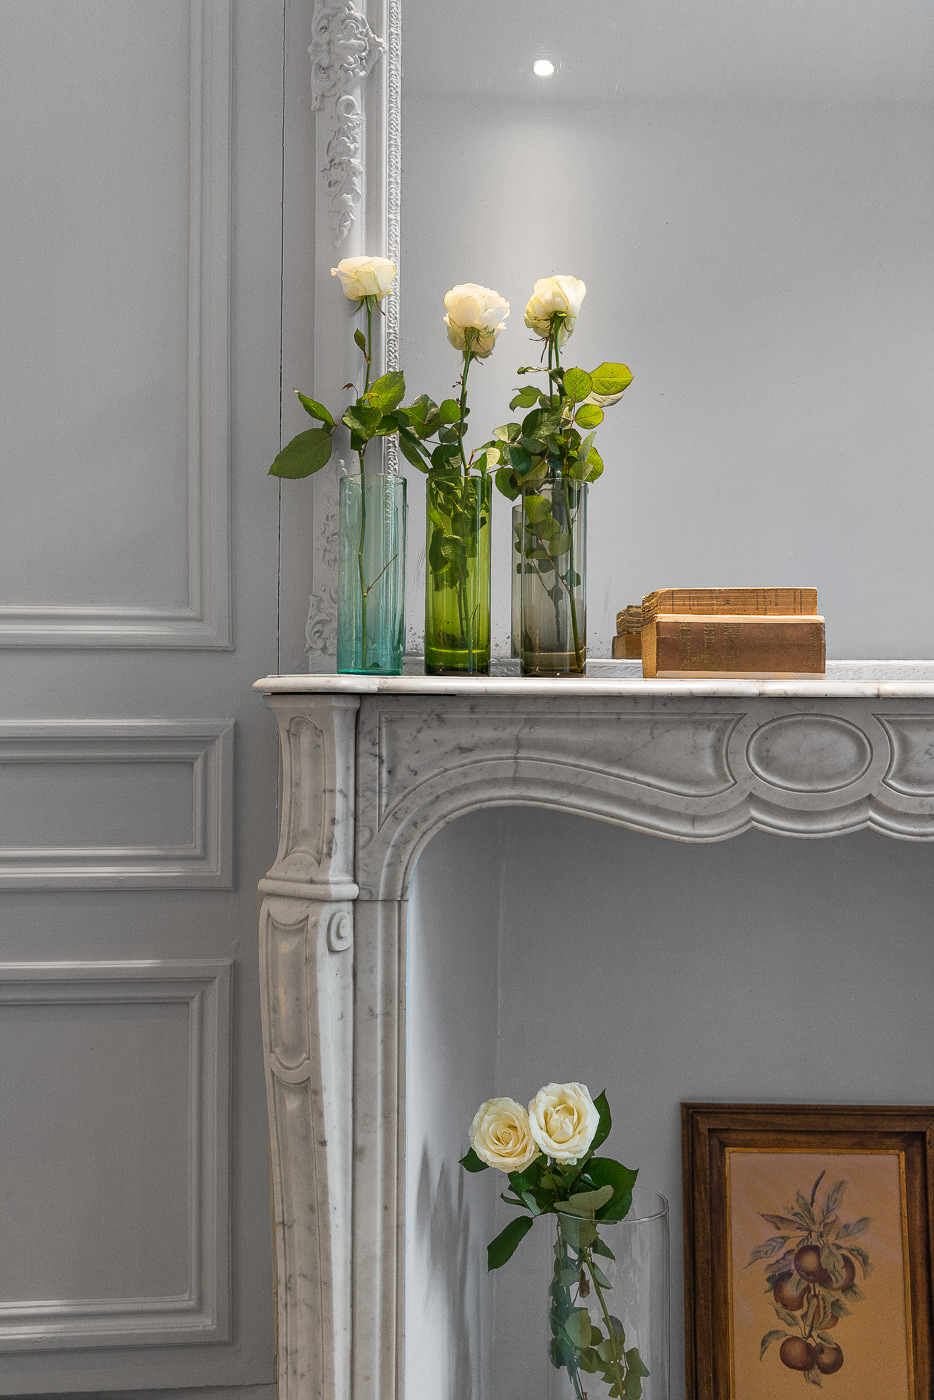 architecte Lille PLUX rénovation et restructuration d'une demeure de caractère maison de maitre cheminée moulure parquet brique chambre hotel gite airbnb décoration intérieur (4)